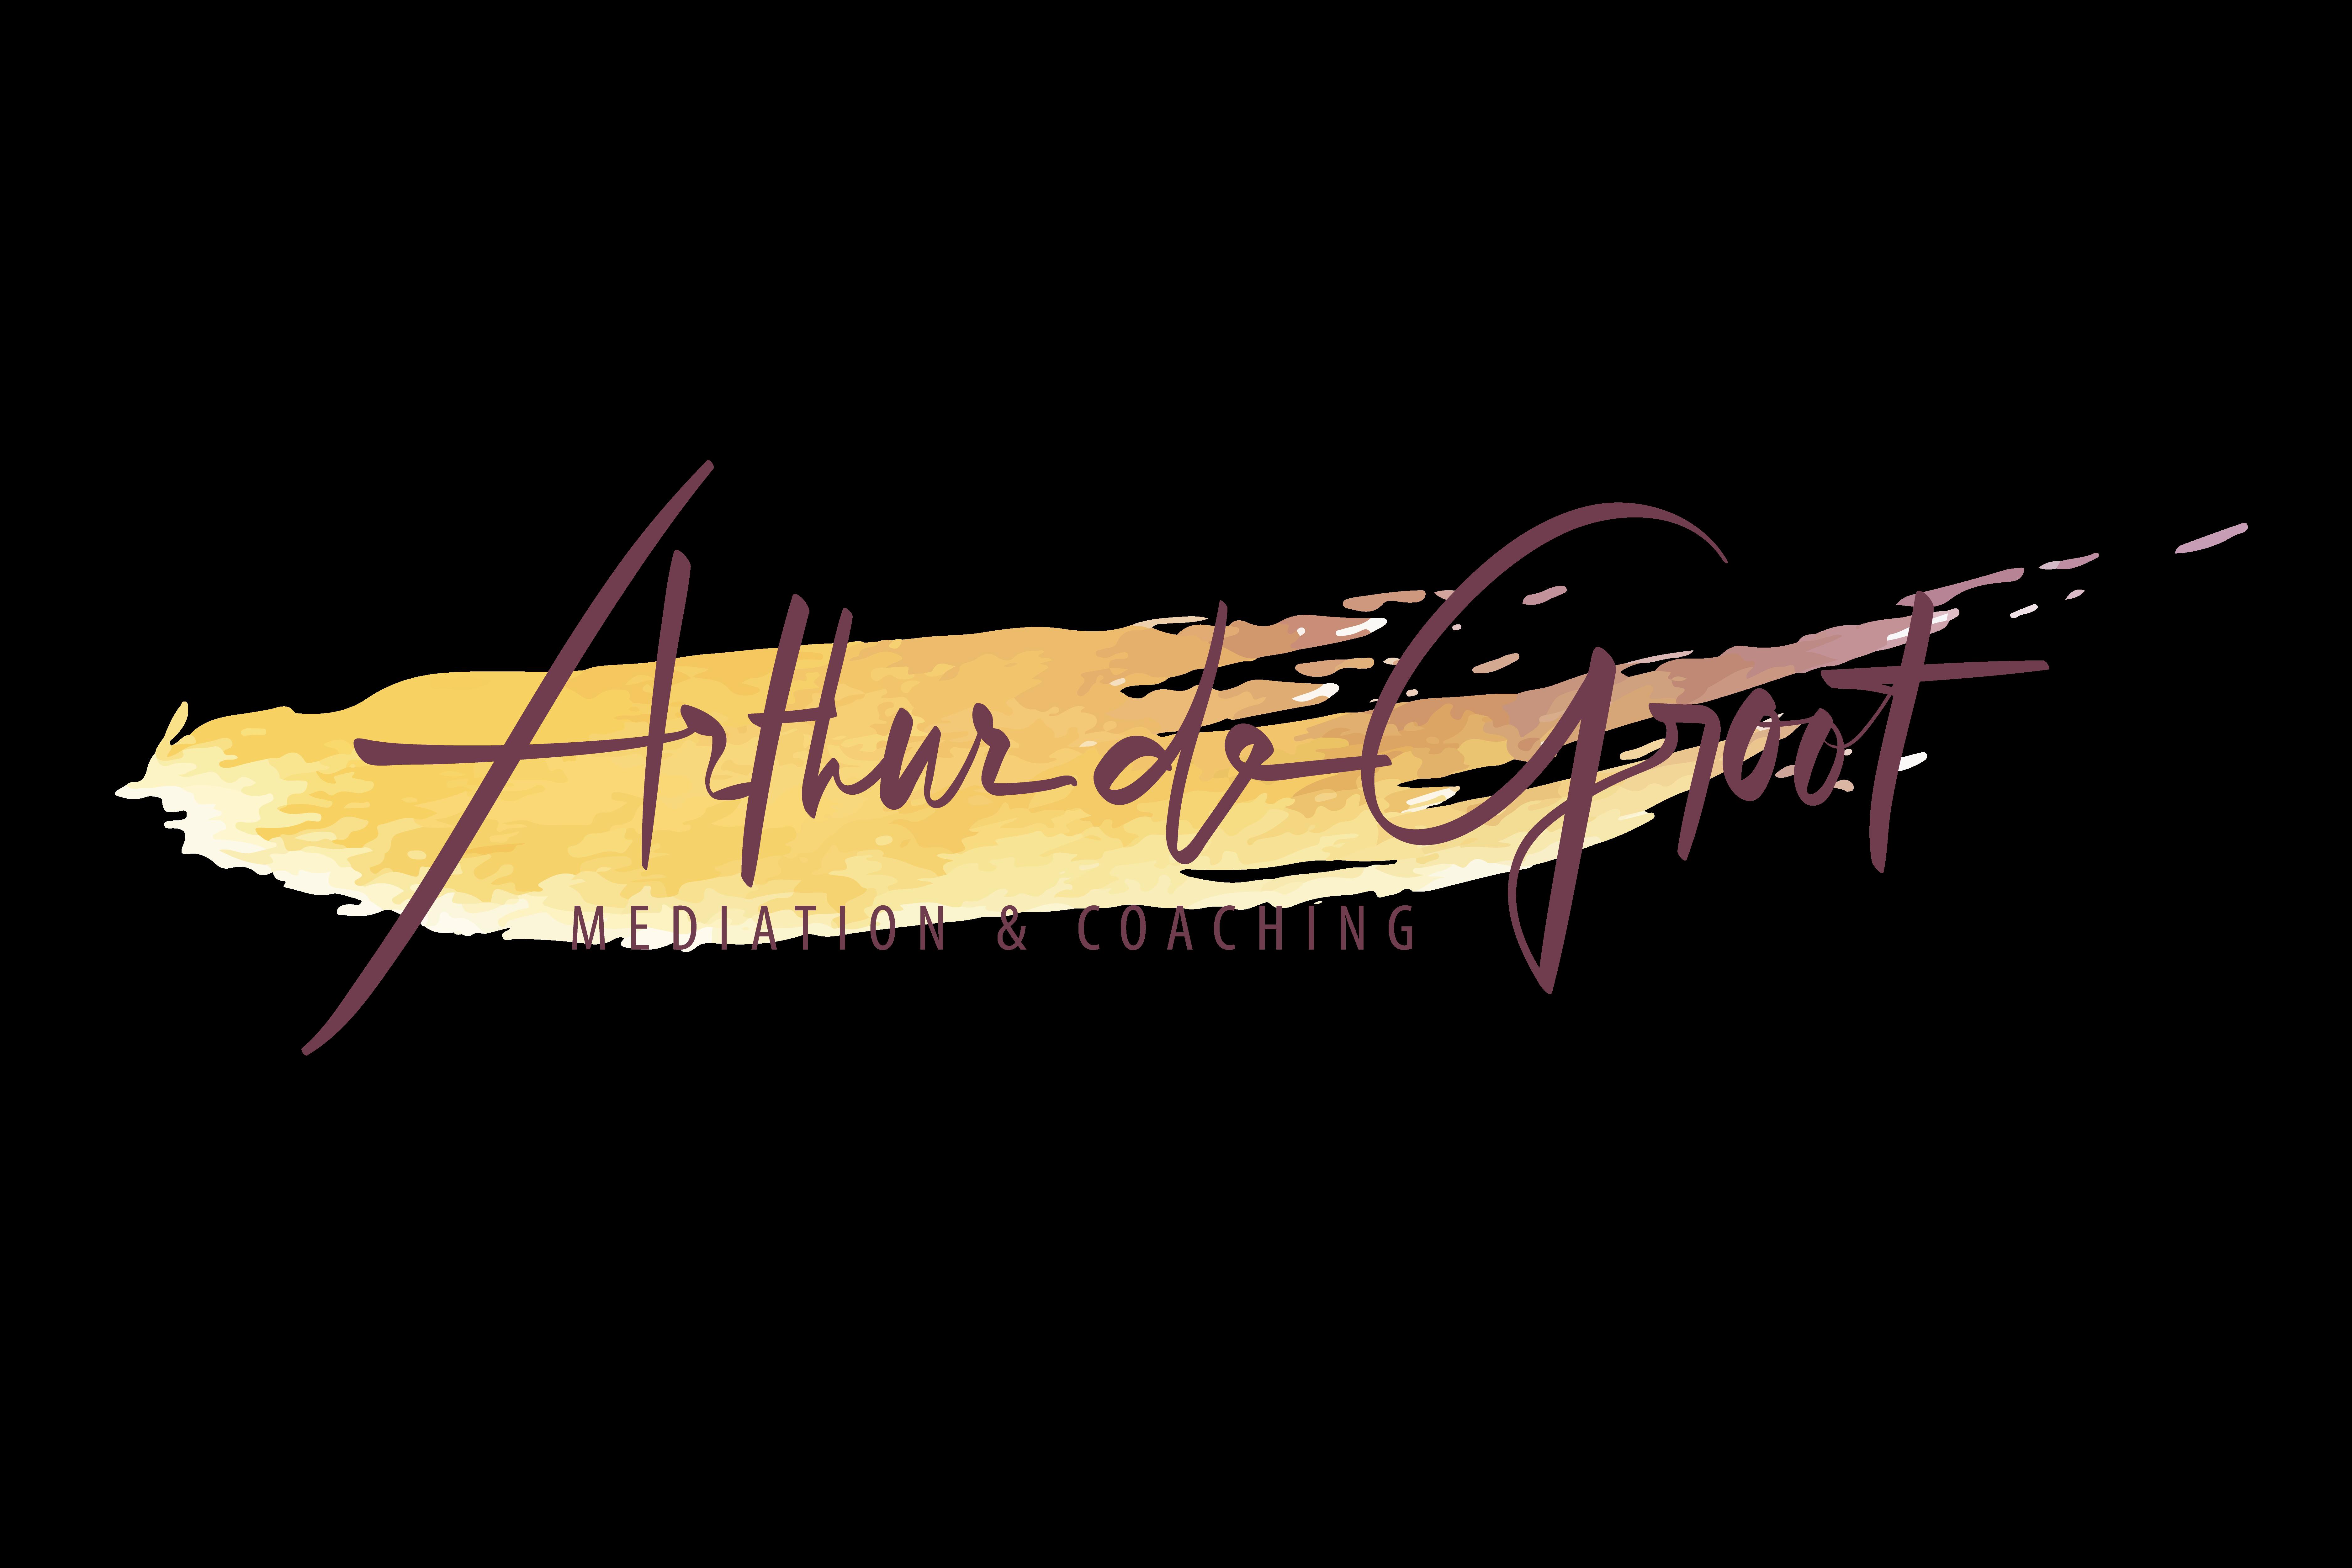 Arthur-de-Groot-sunburst-high-res.png